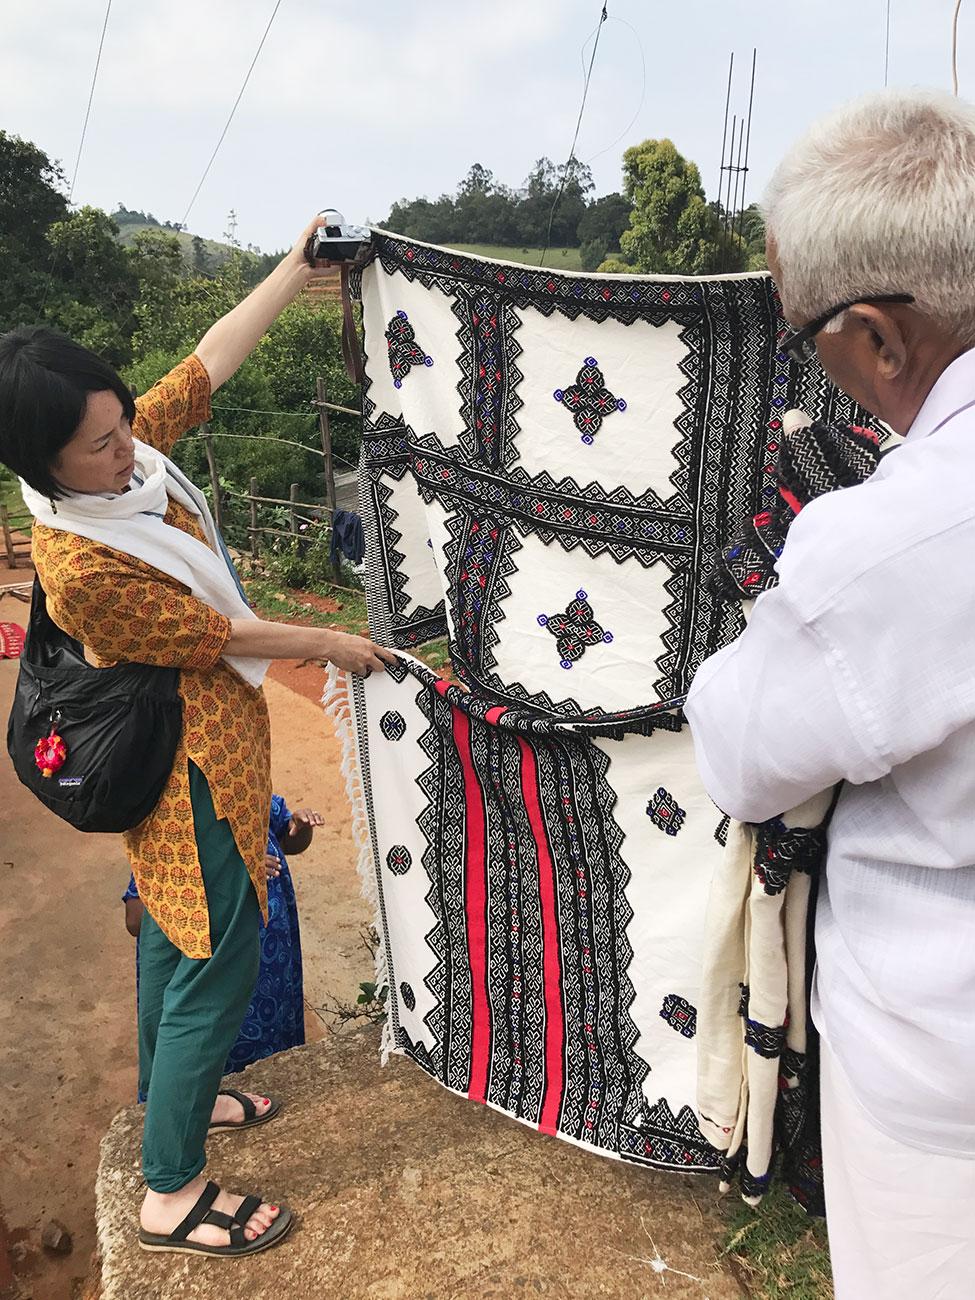 トダ族の刺繍をいろいろと見比べるAROUND INDIA田村ゆみ